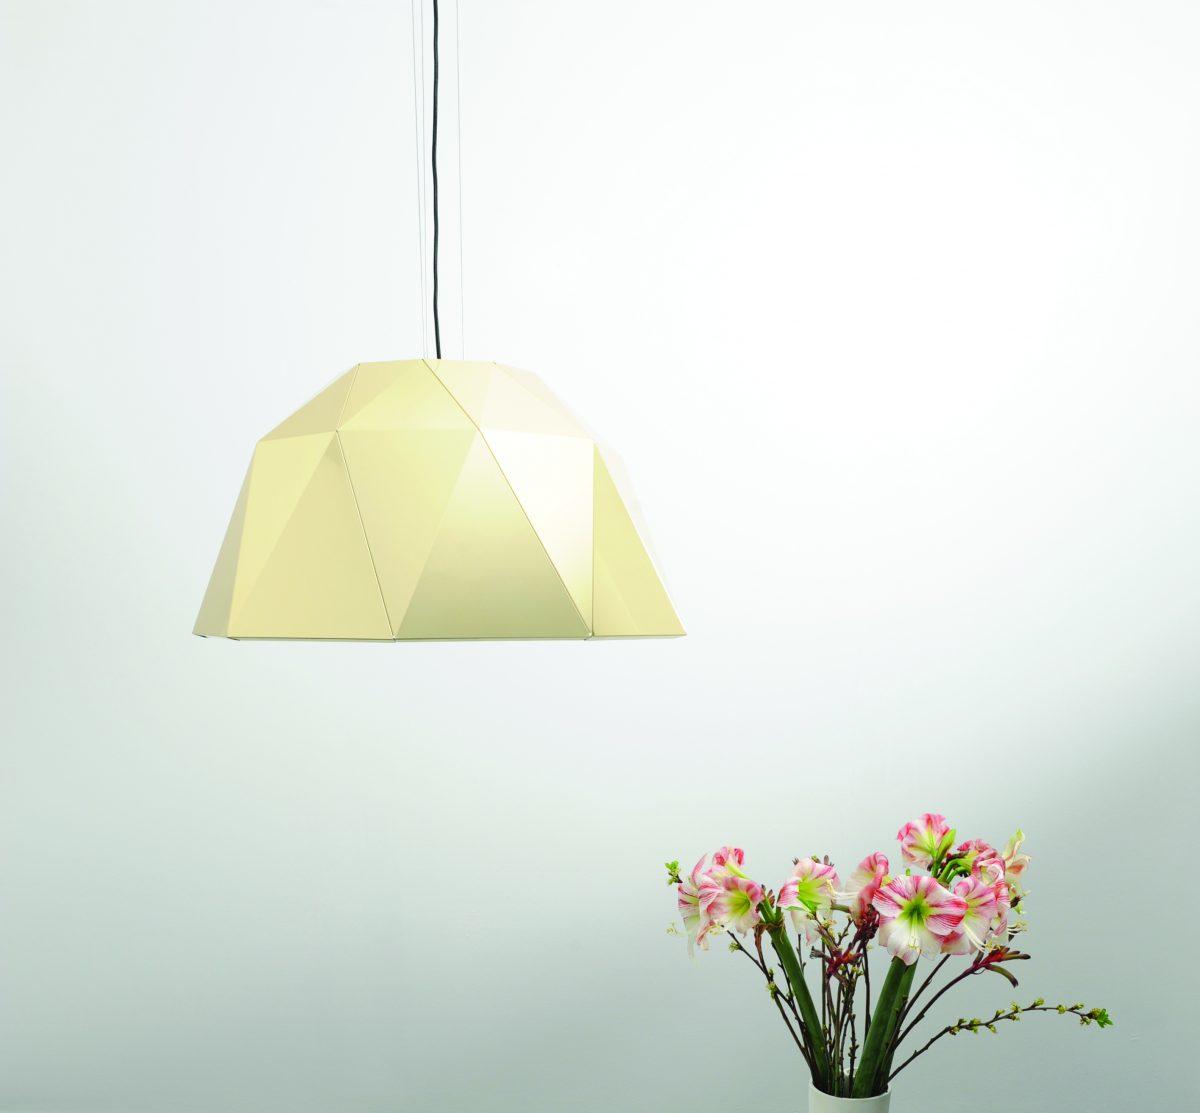 Carat hanglamp large